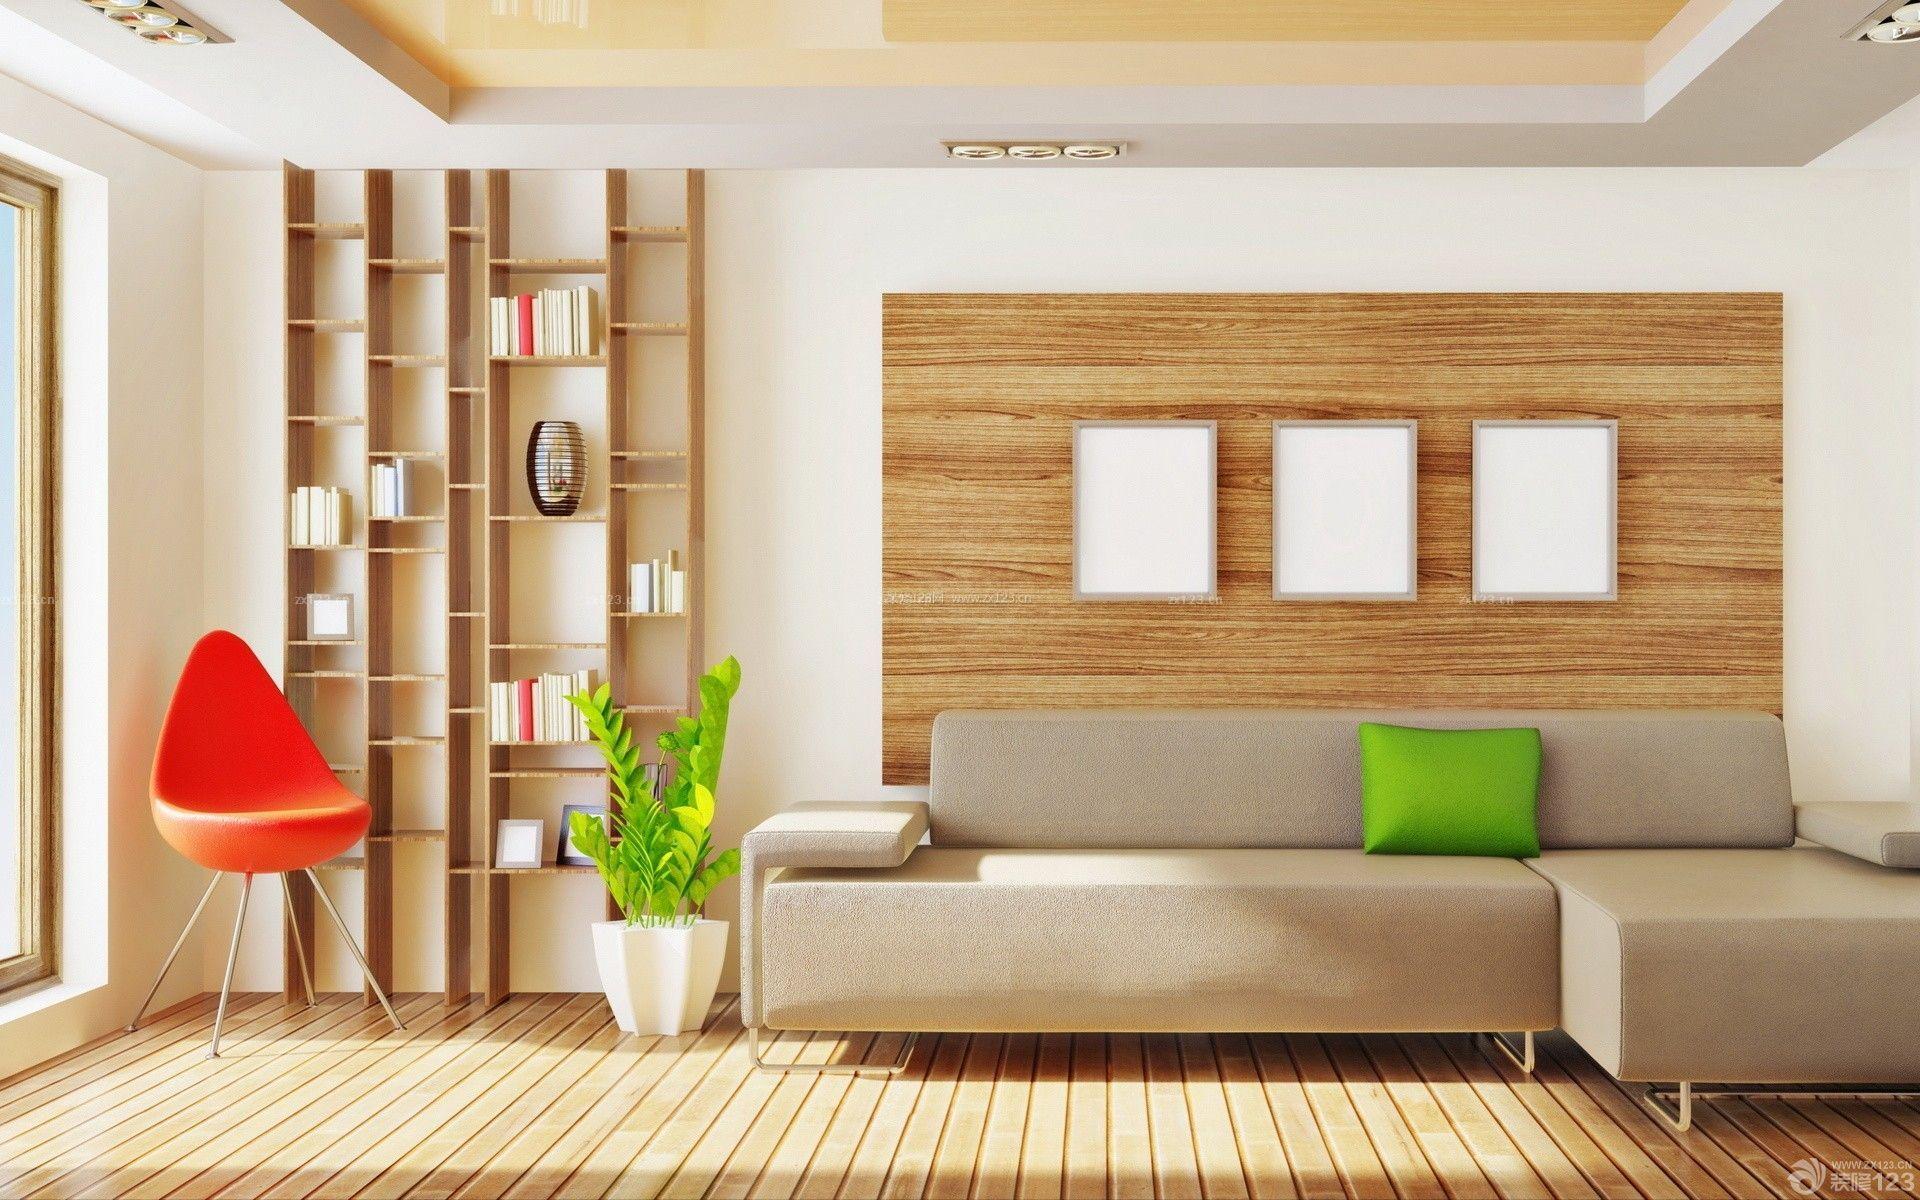 暖色调房屋室内装修设计图